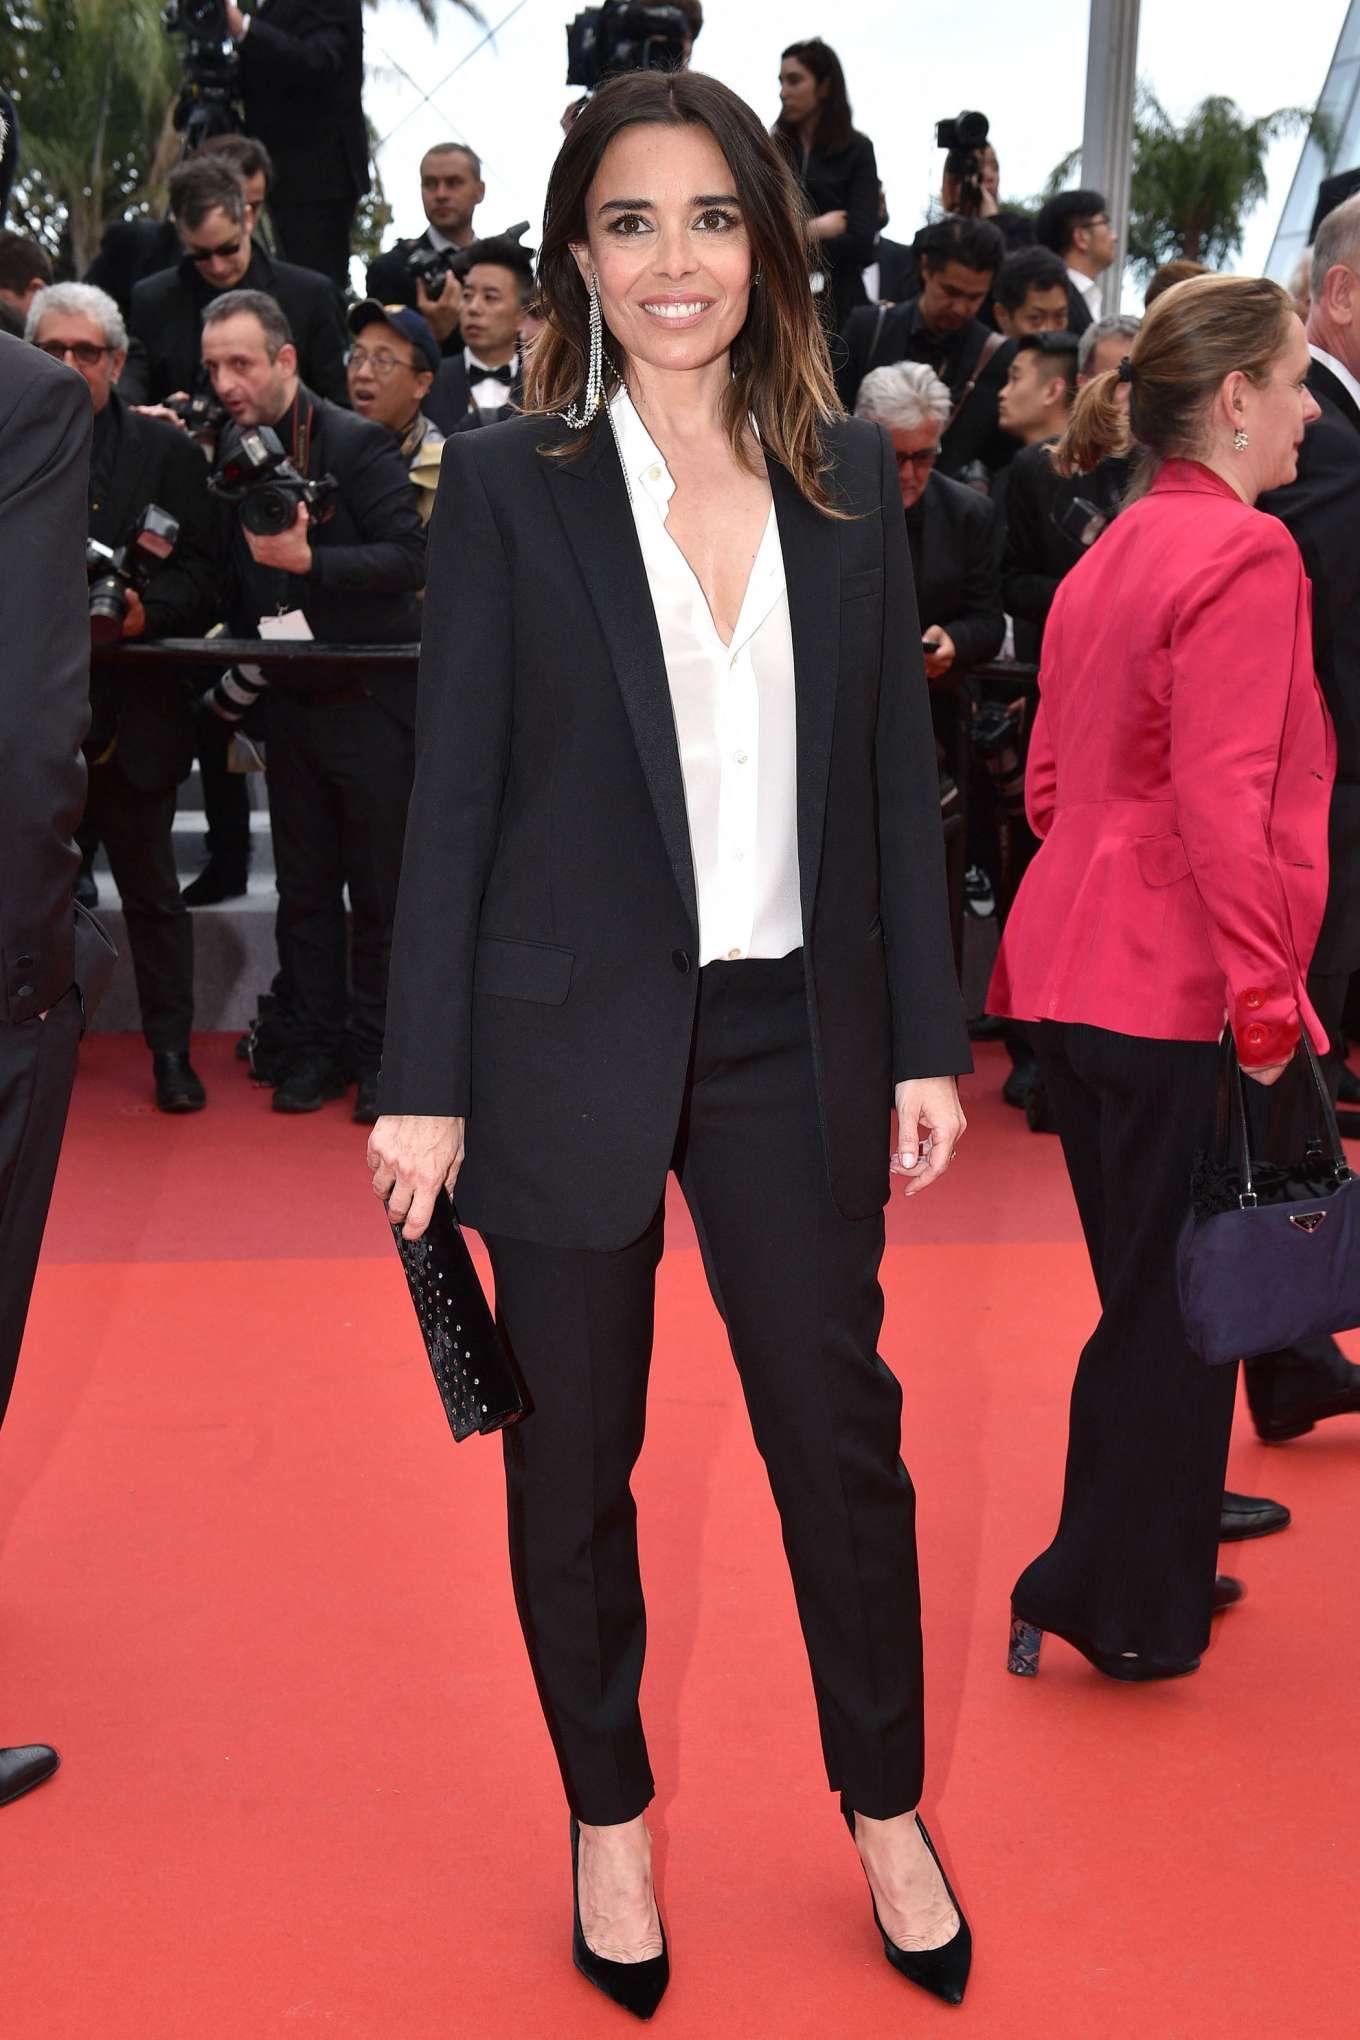 Elodie Bouchez 2019 : Elodie Bouchez: La Belle Epoque Premiere at 2019 Cannes Film Festival-11